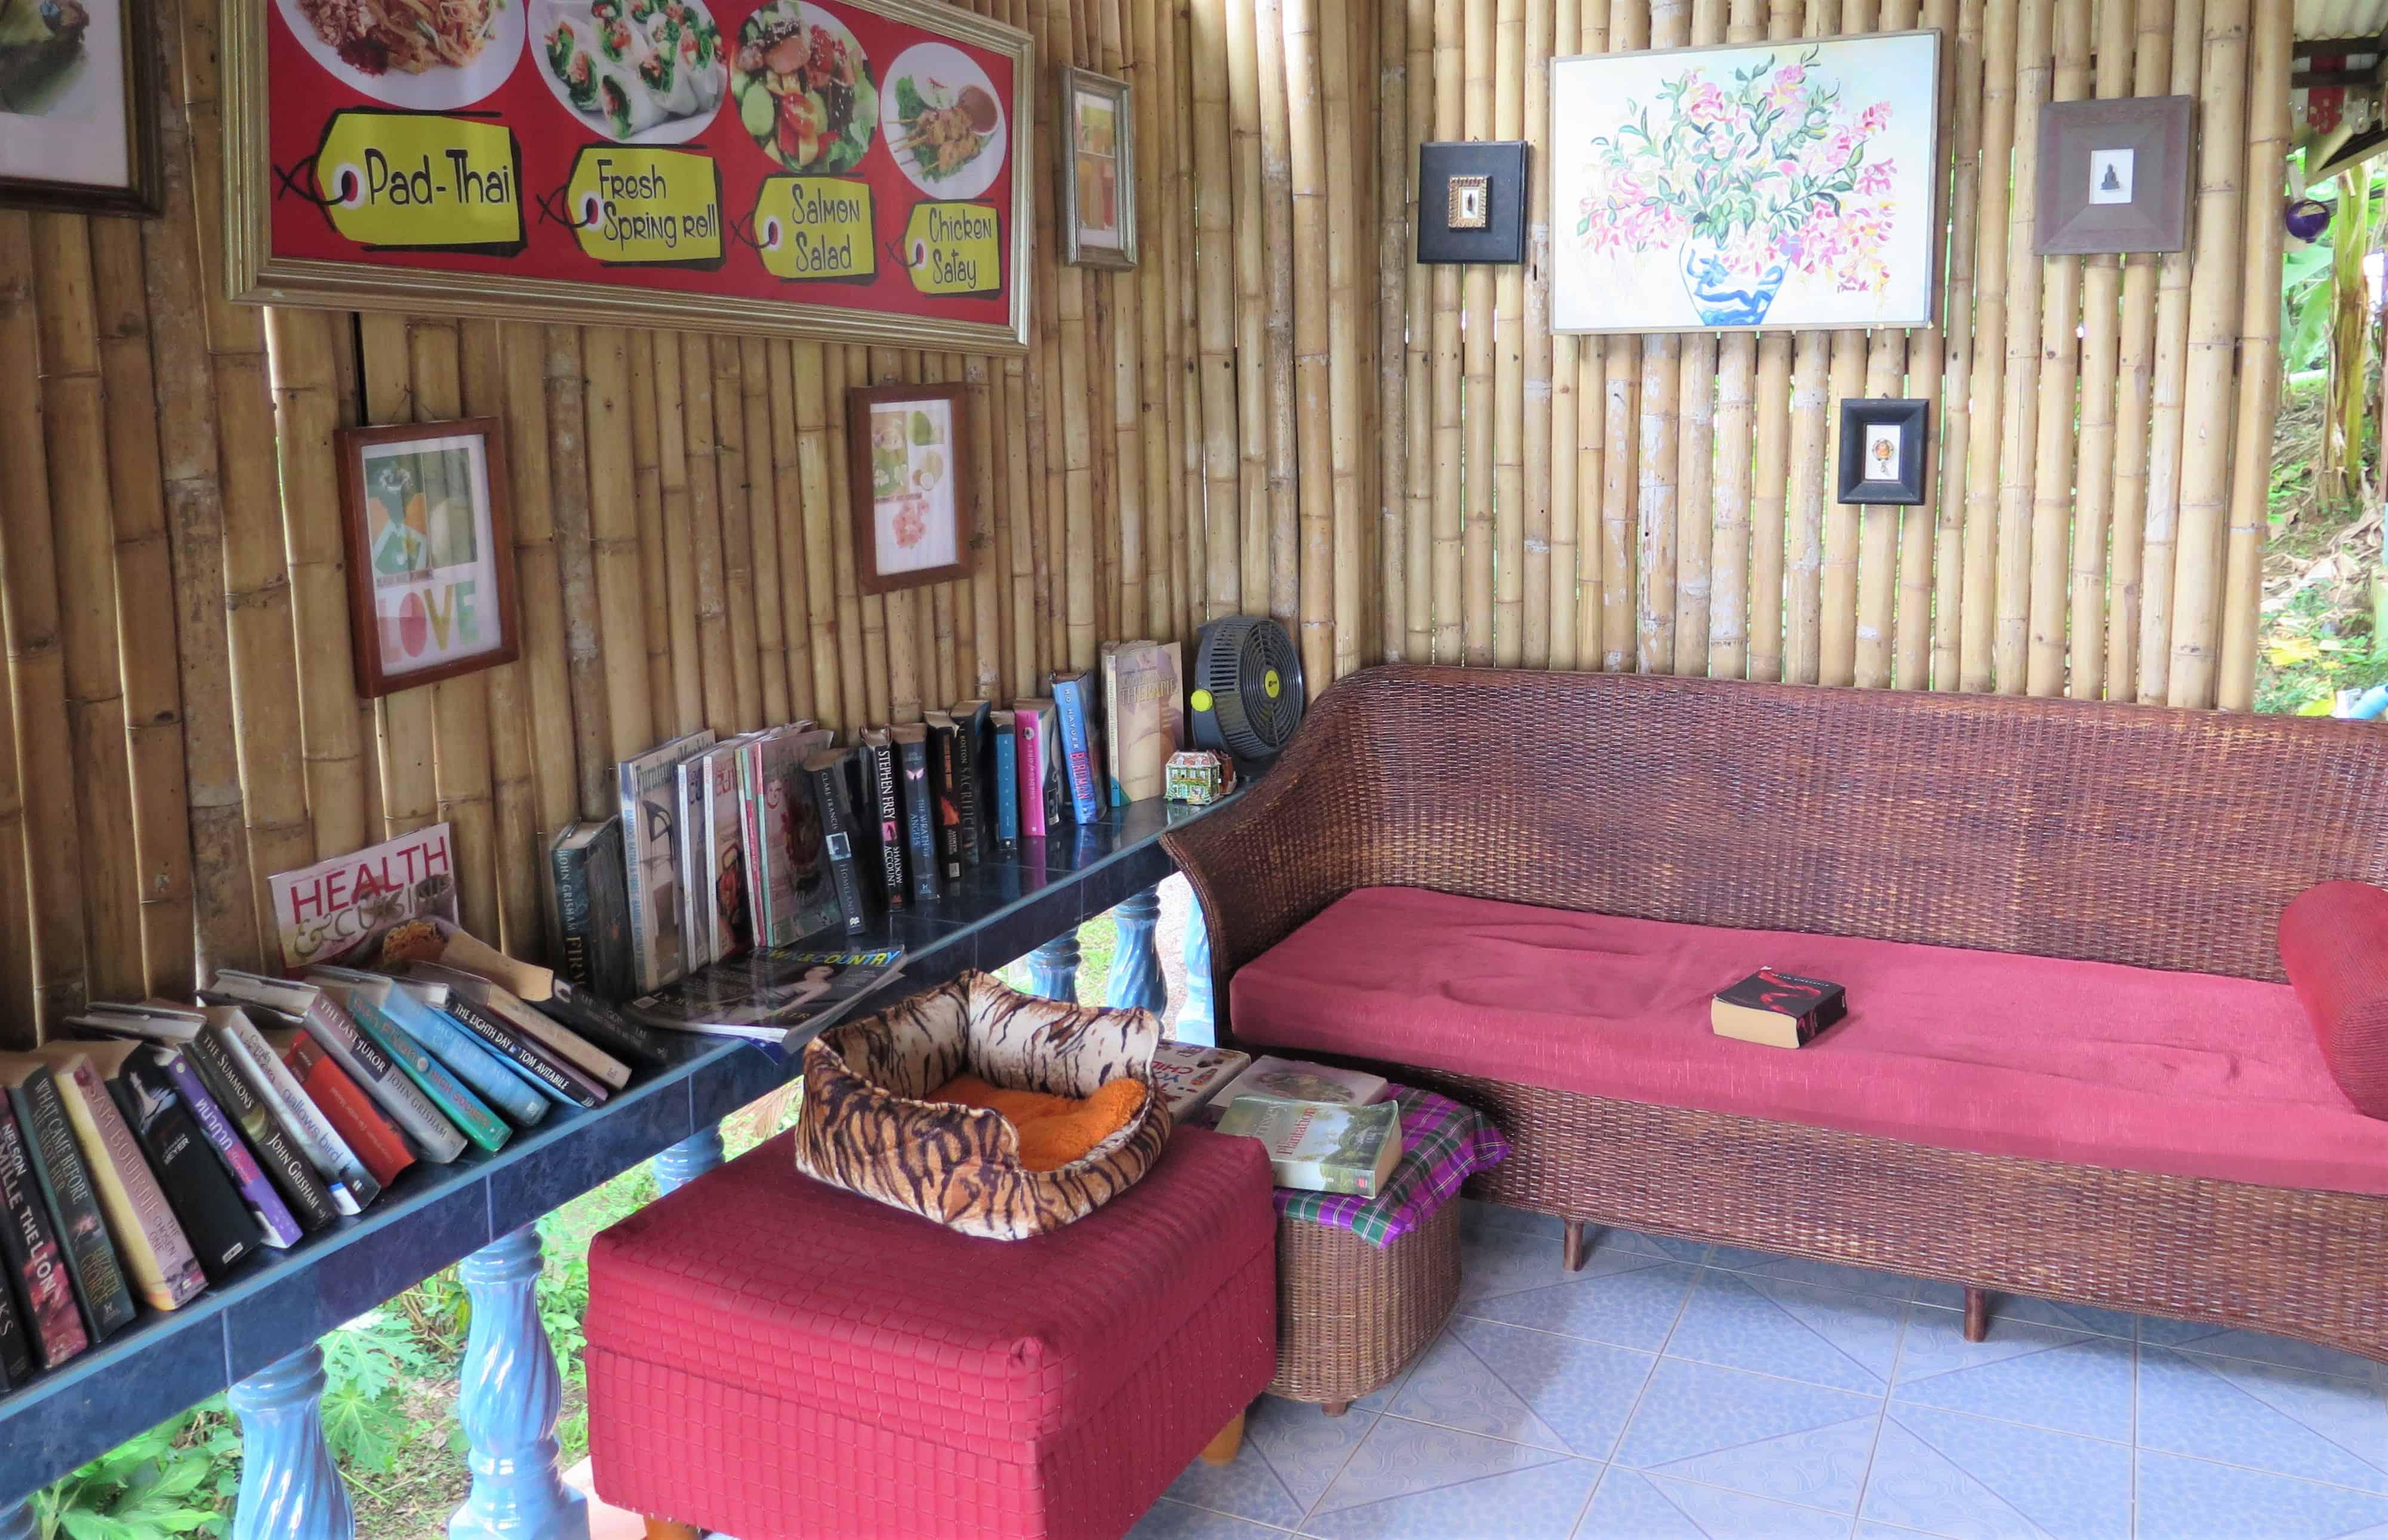 phuket used bookshops